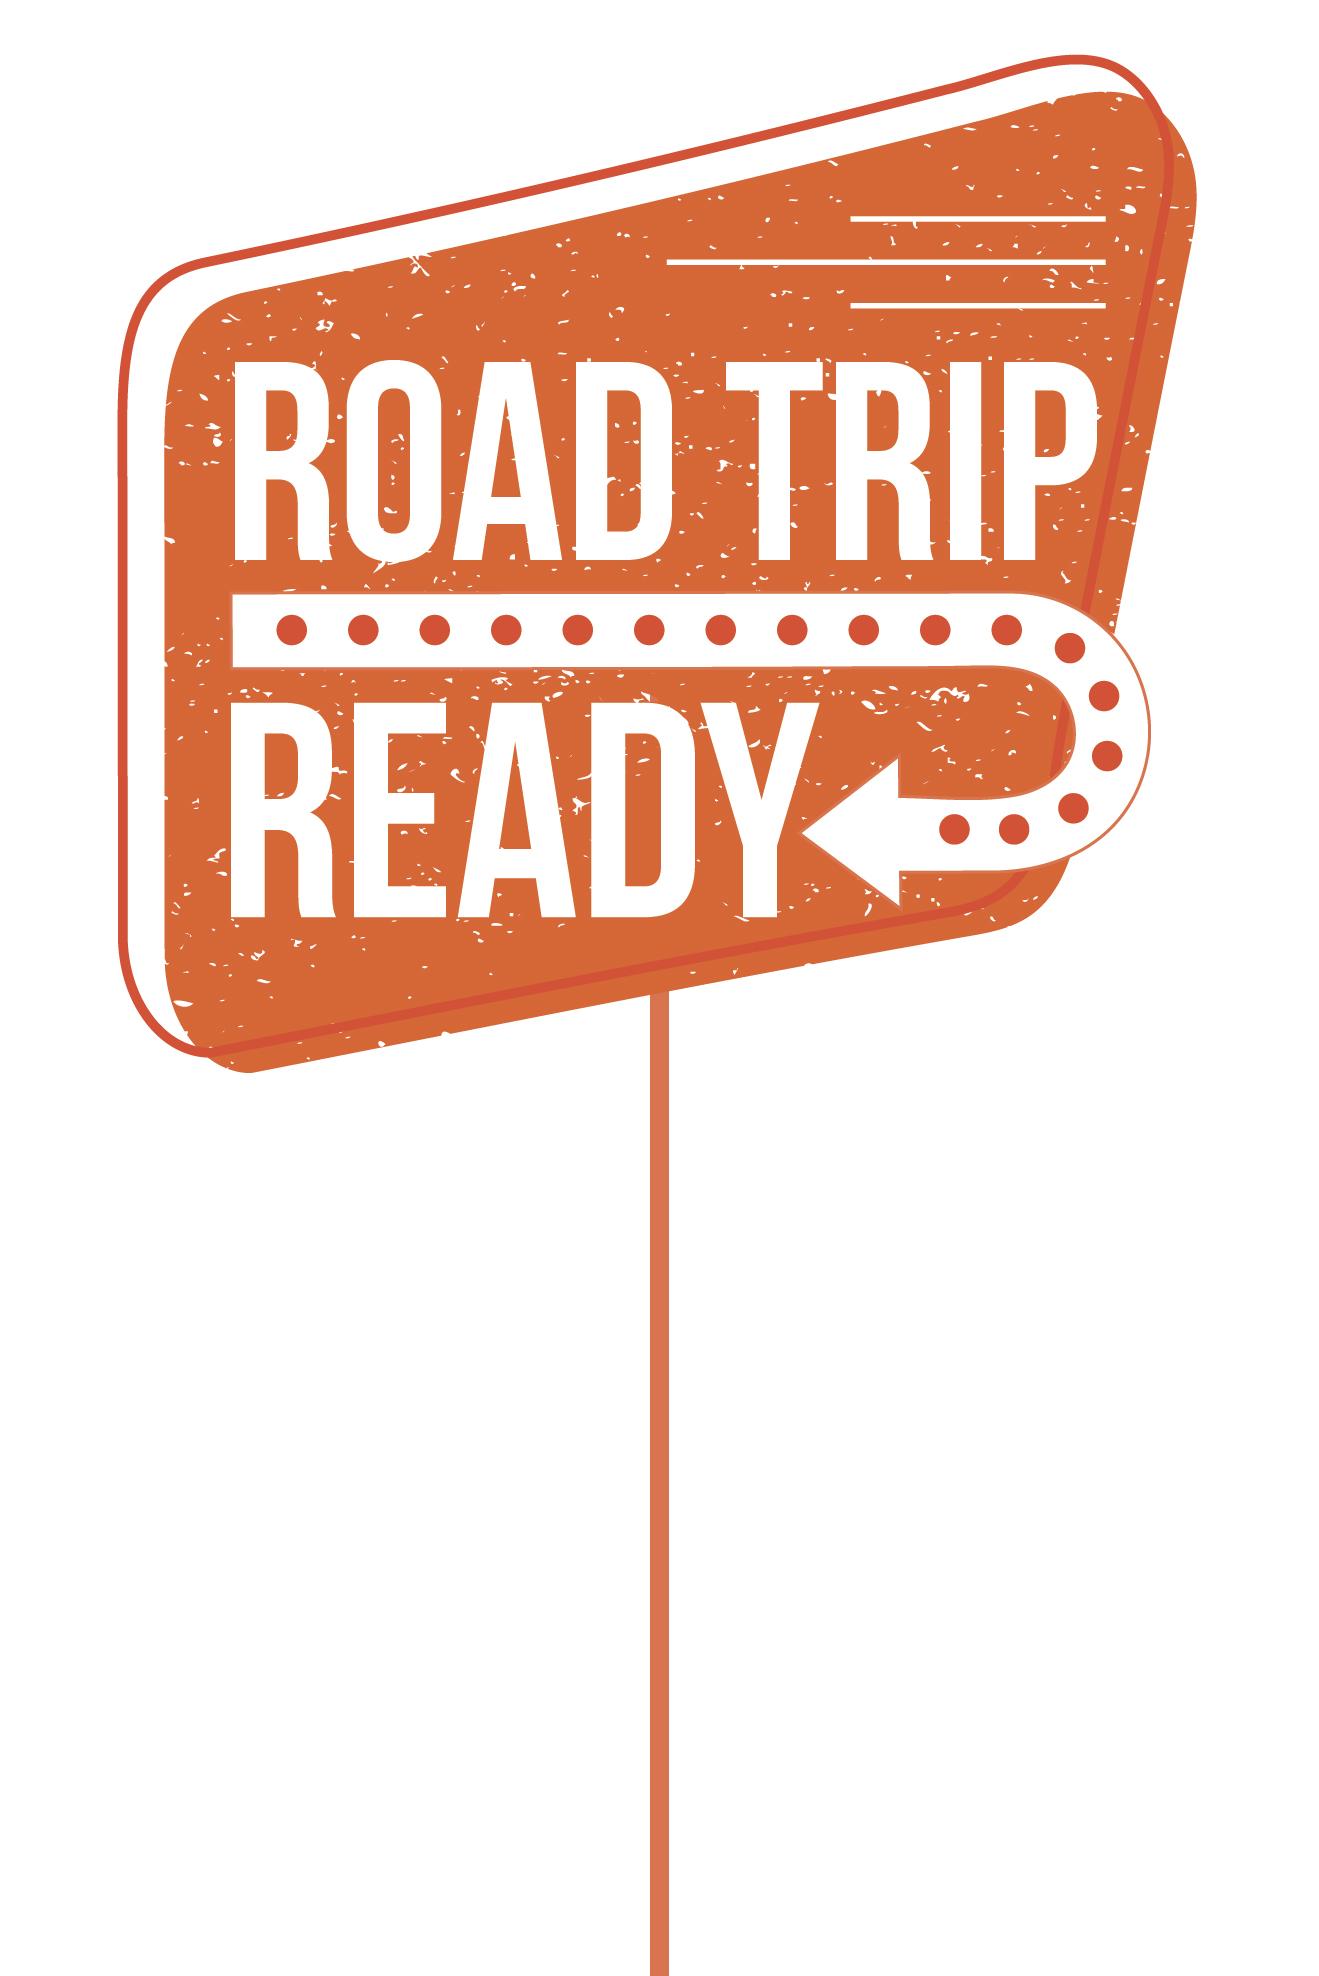 RoadTripReady_logo.jpg